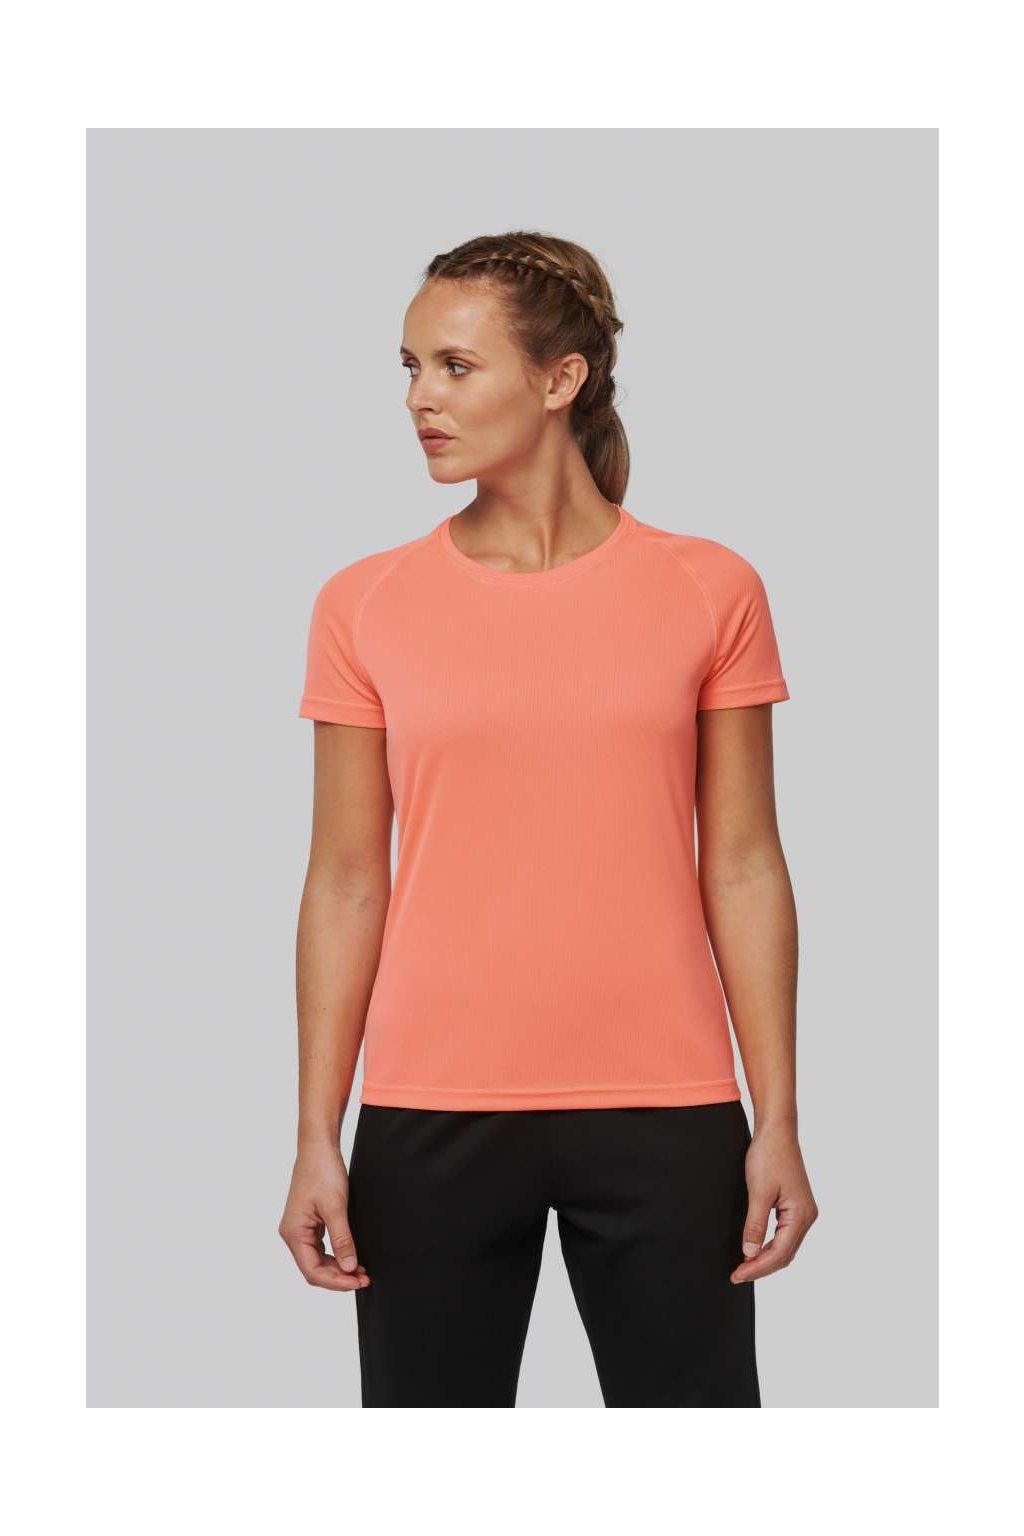 Dámské sportovní tričko Proact